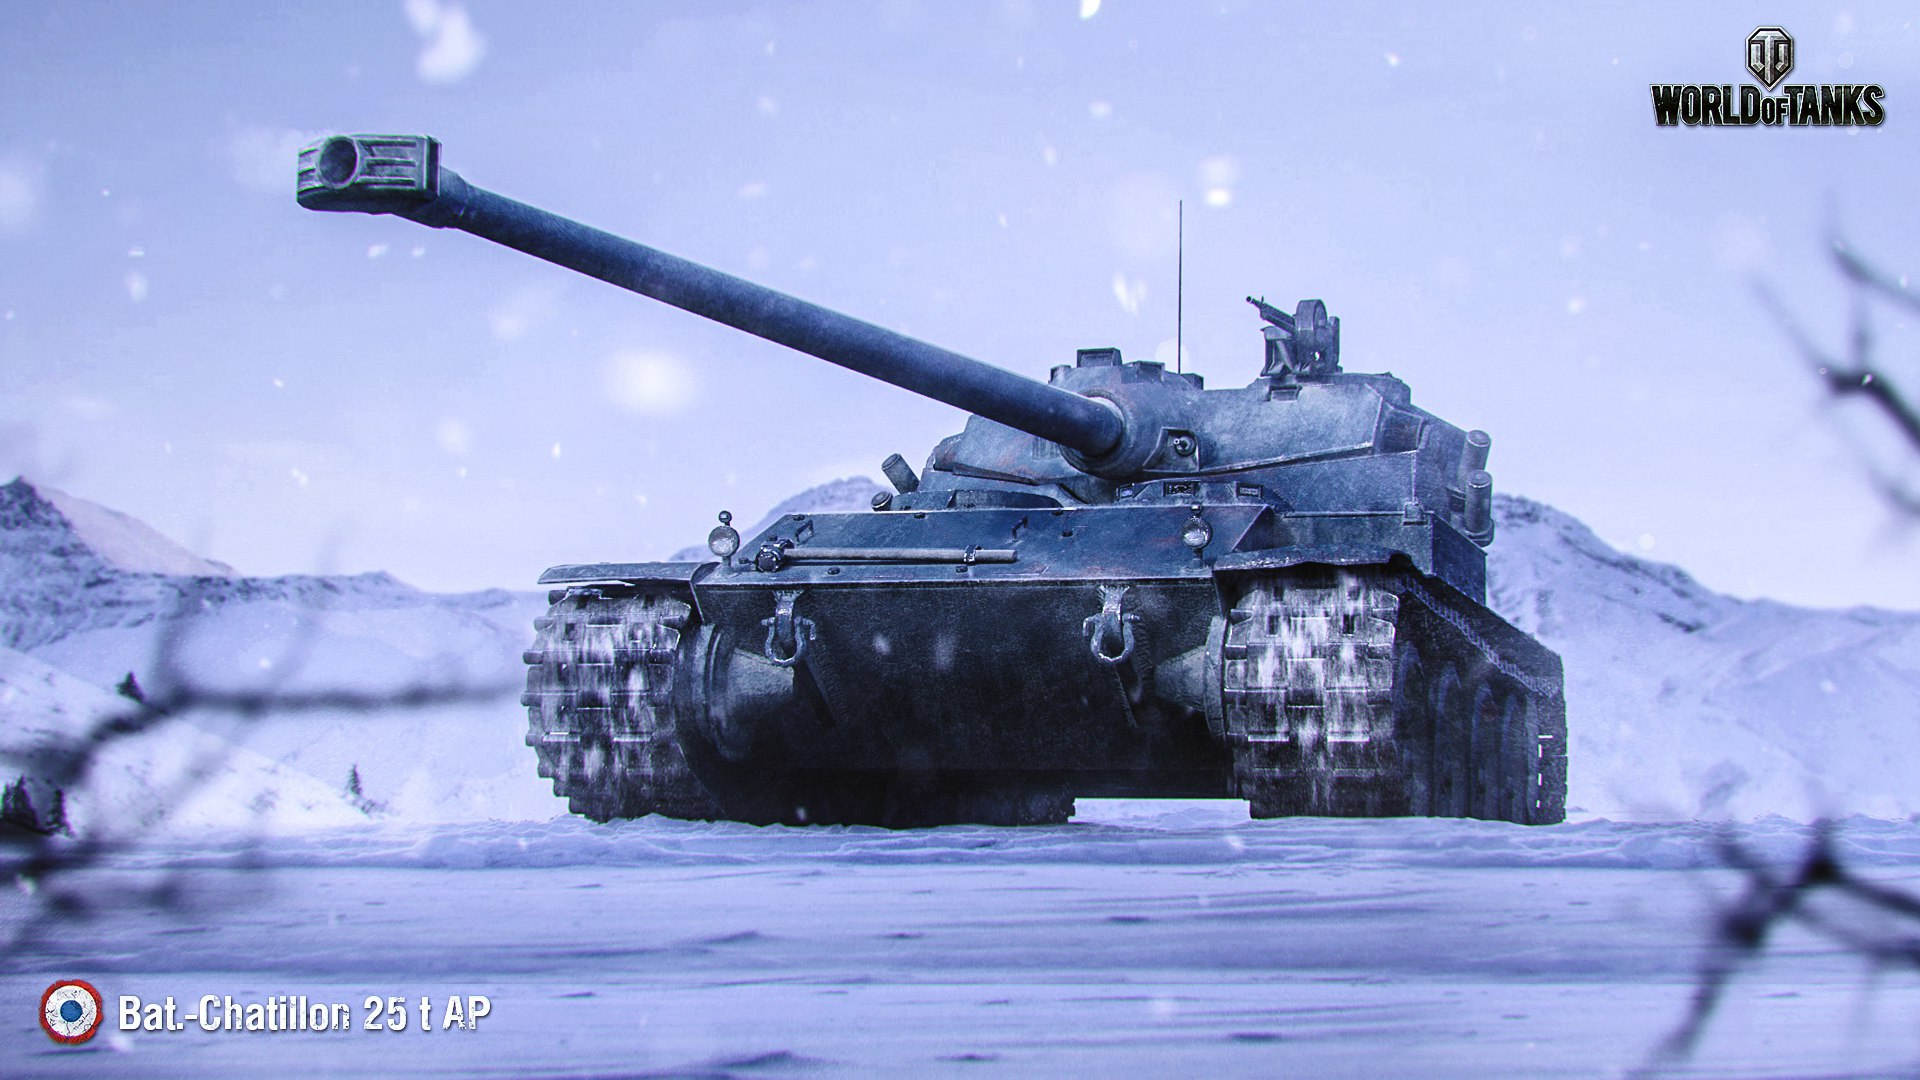 Обучение звания пересадка все про экипаж world of tanks